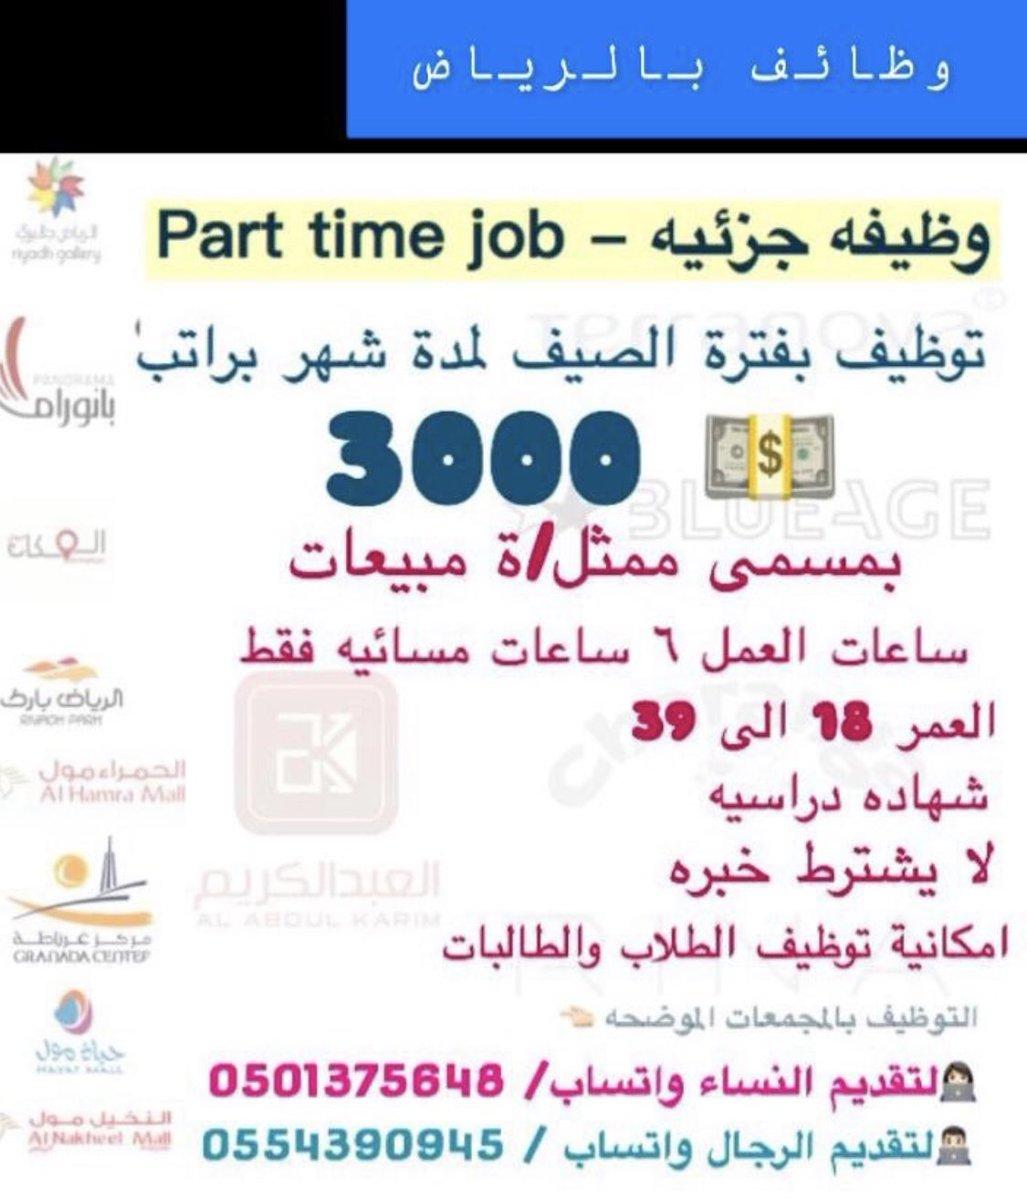 وظائف صيفية للطلاب والطالبات 1440 في الرياض  Gg17